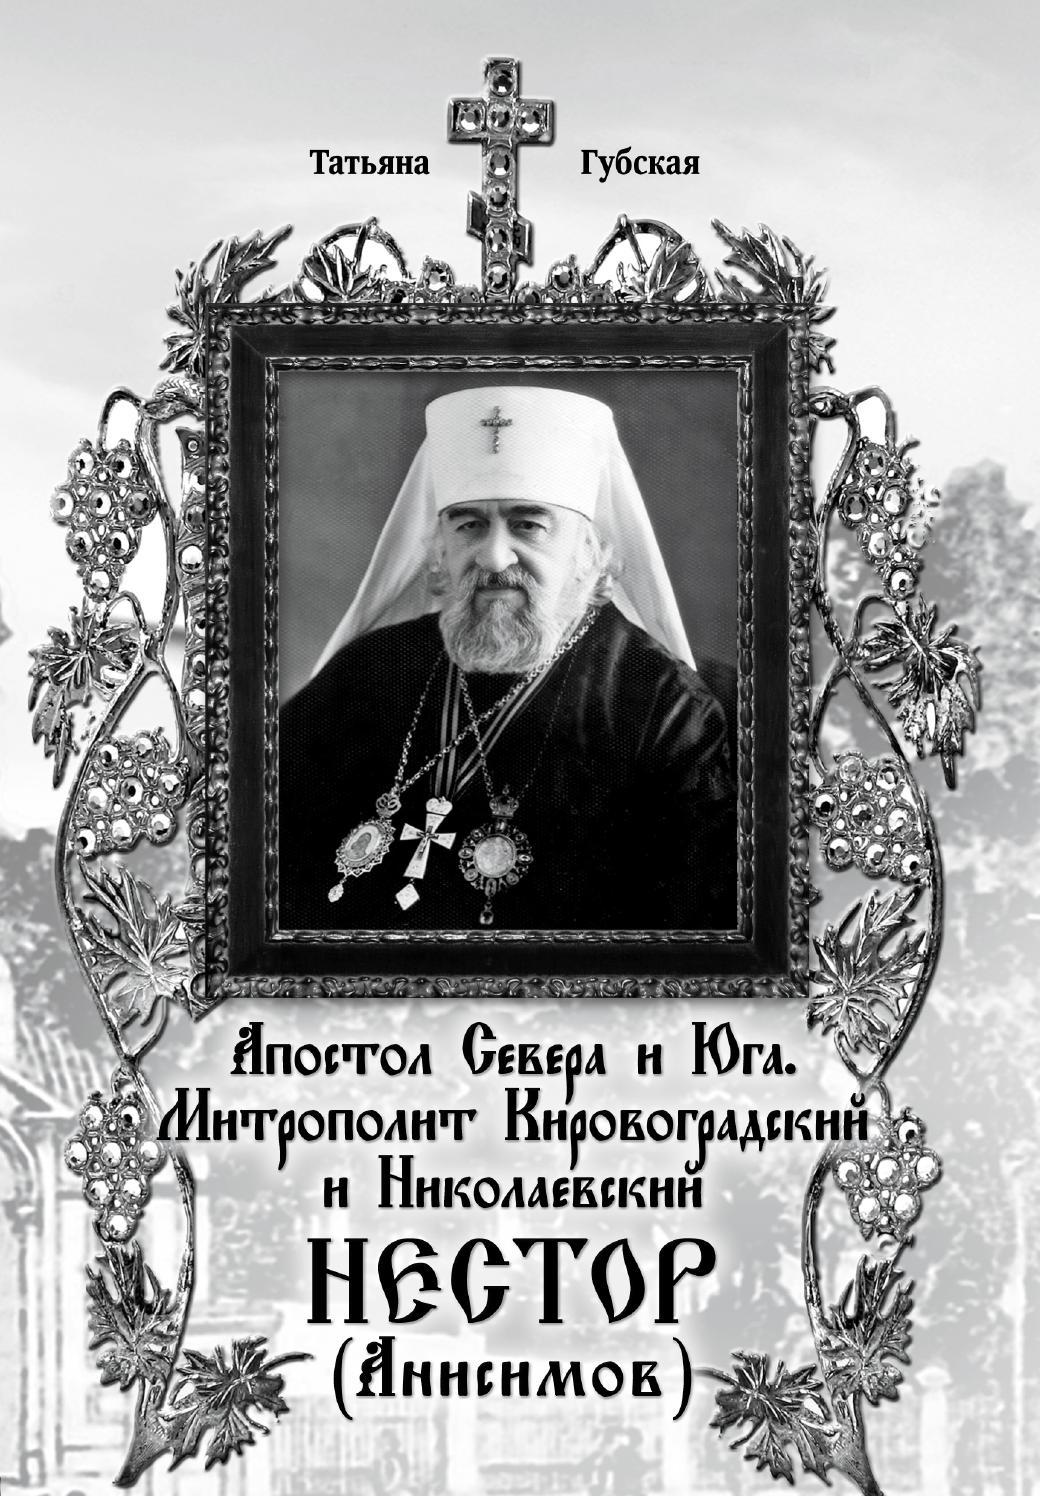 Сапсай кавалер георгиевских крестов